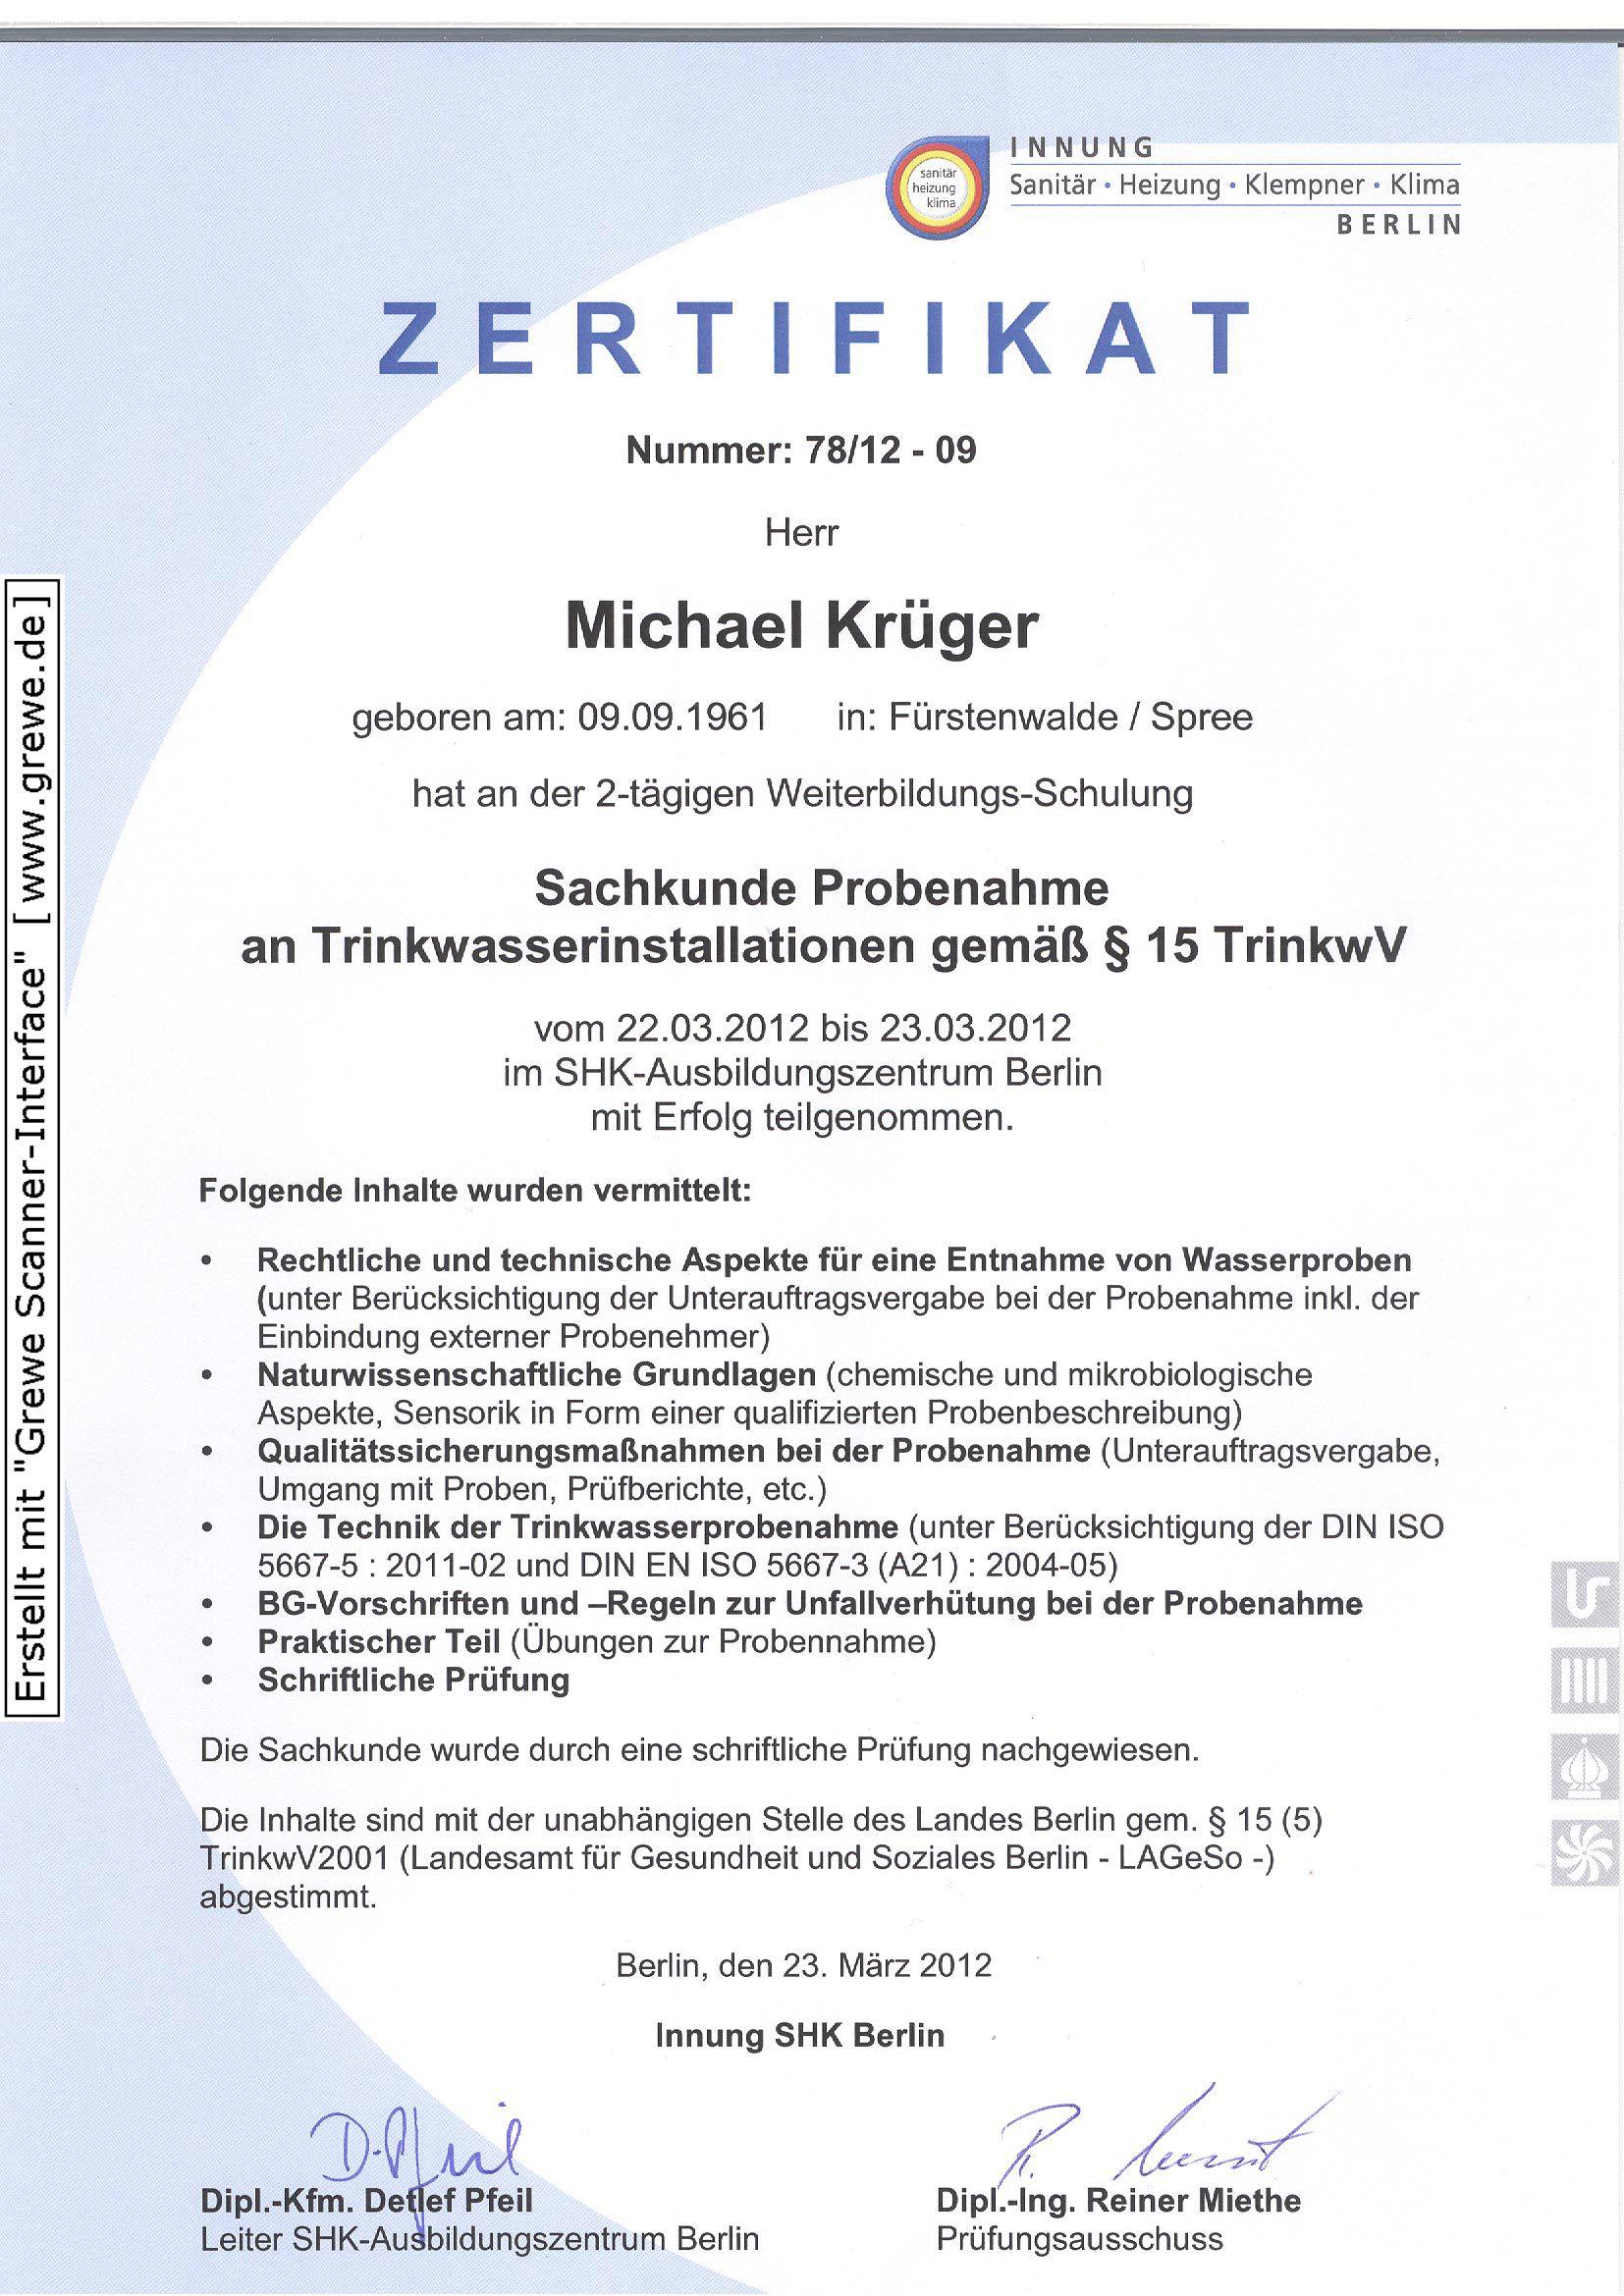 Beste Beispiele 2012 Fortsetzen Galerie - Beispiel Business ...